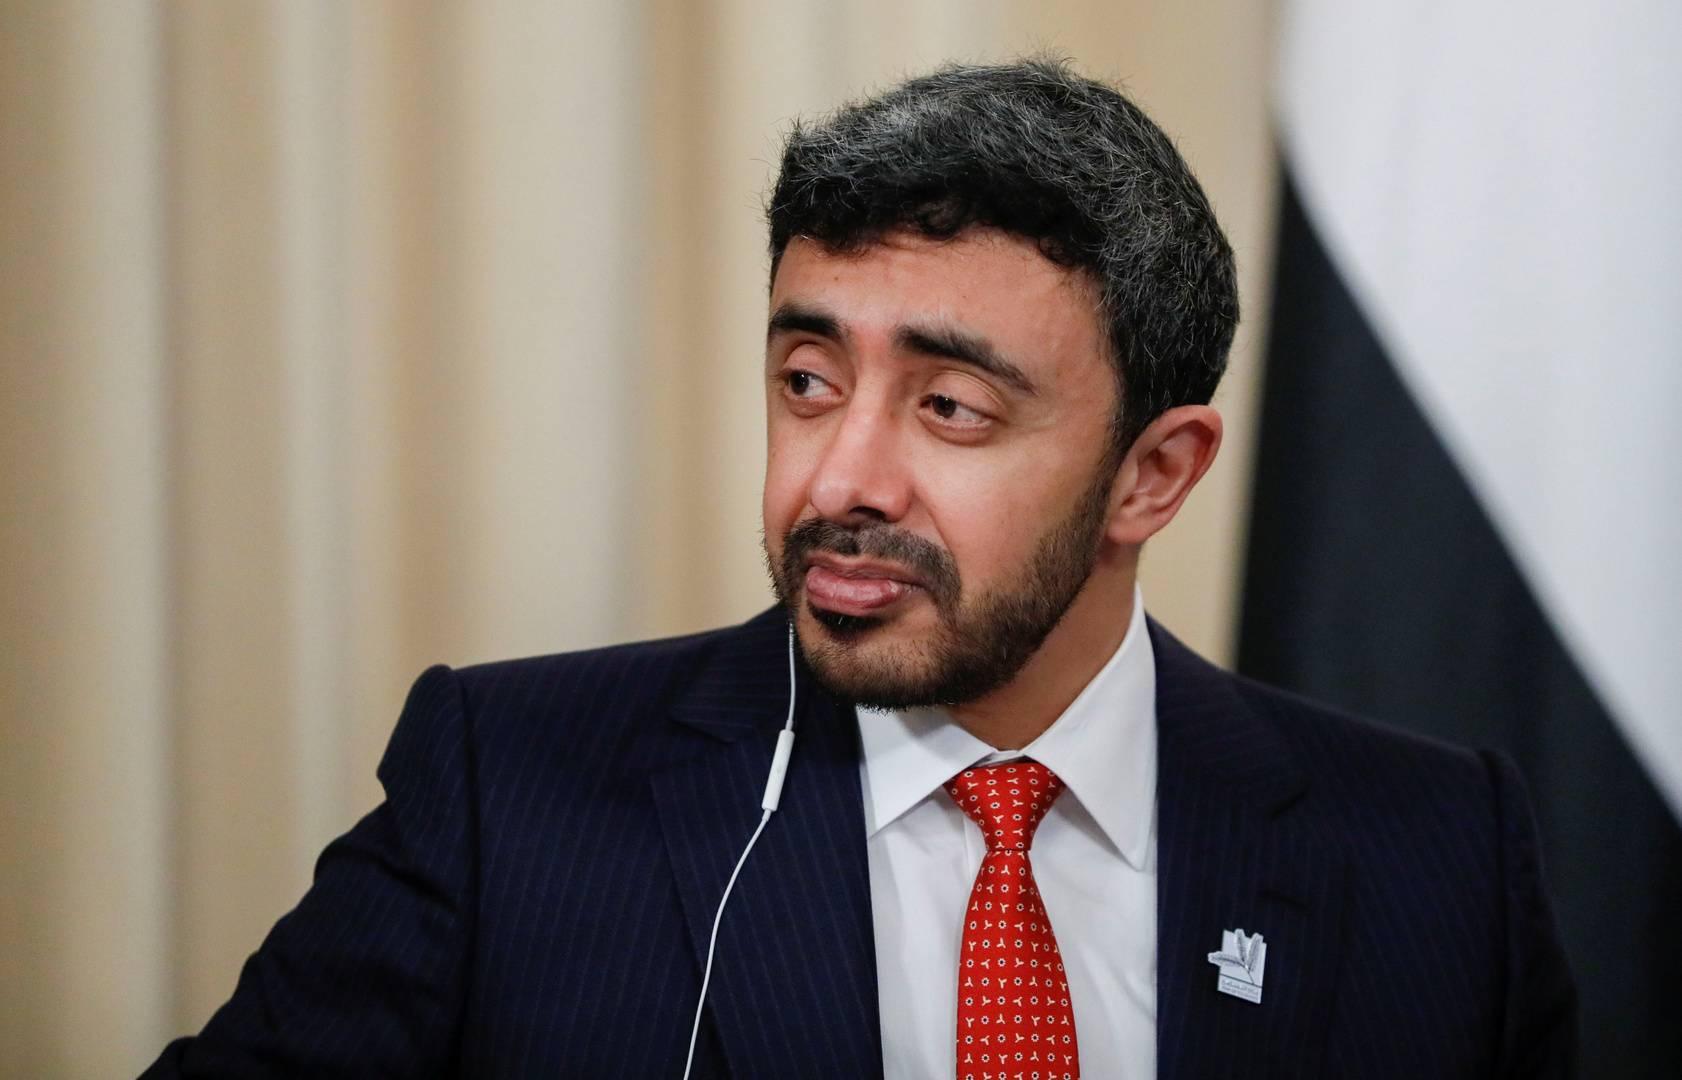 وزير خارجية الإمارات: ضرورة العمل لمواجهة الإرهاب والتطرف في المنطقة